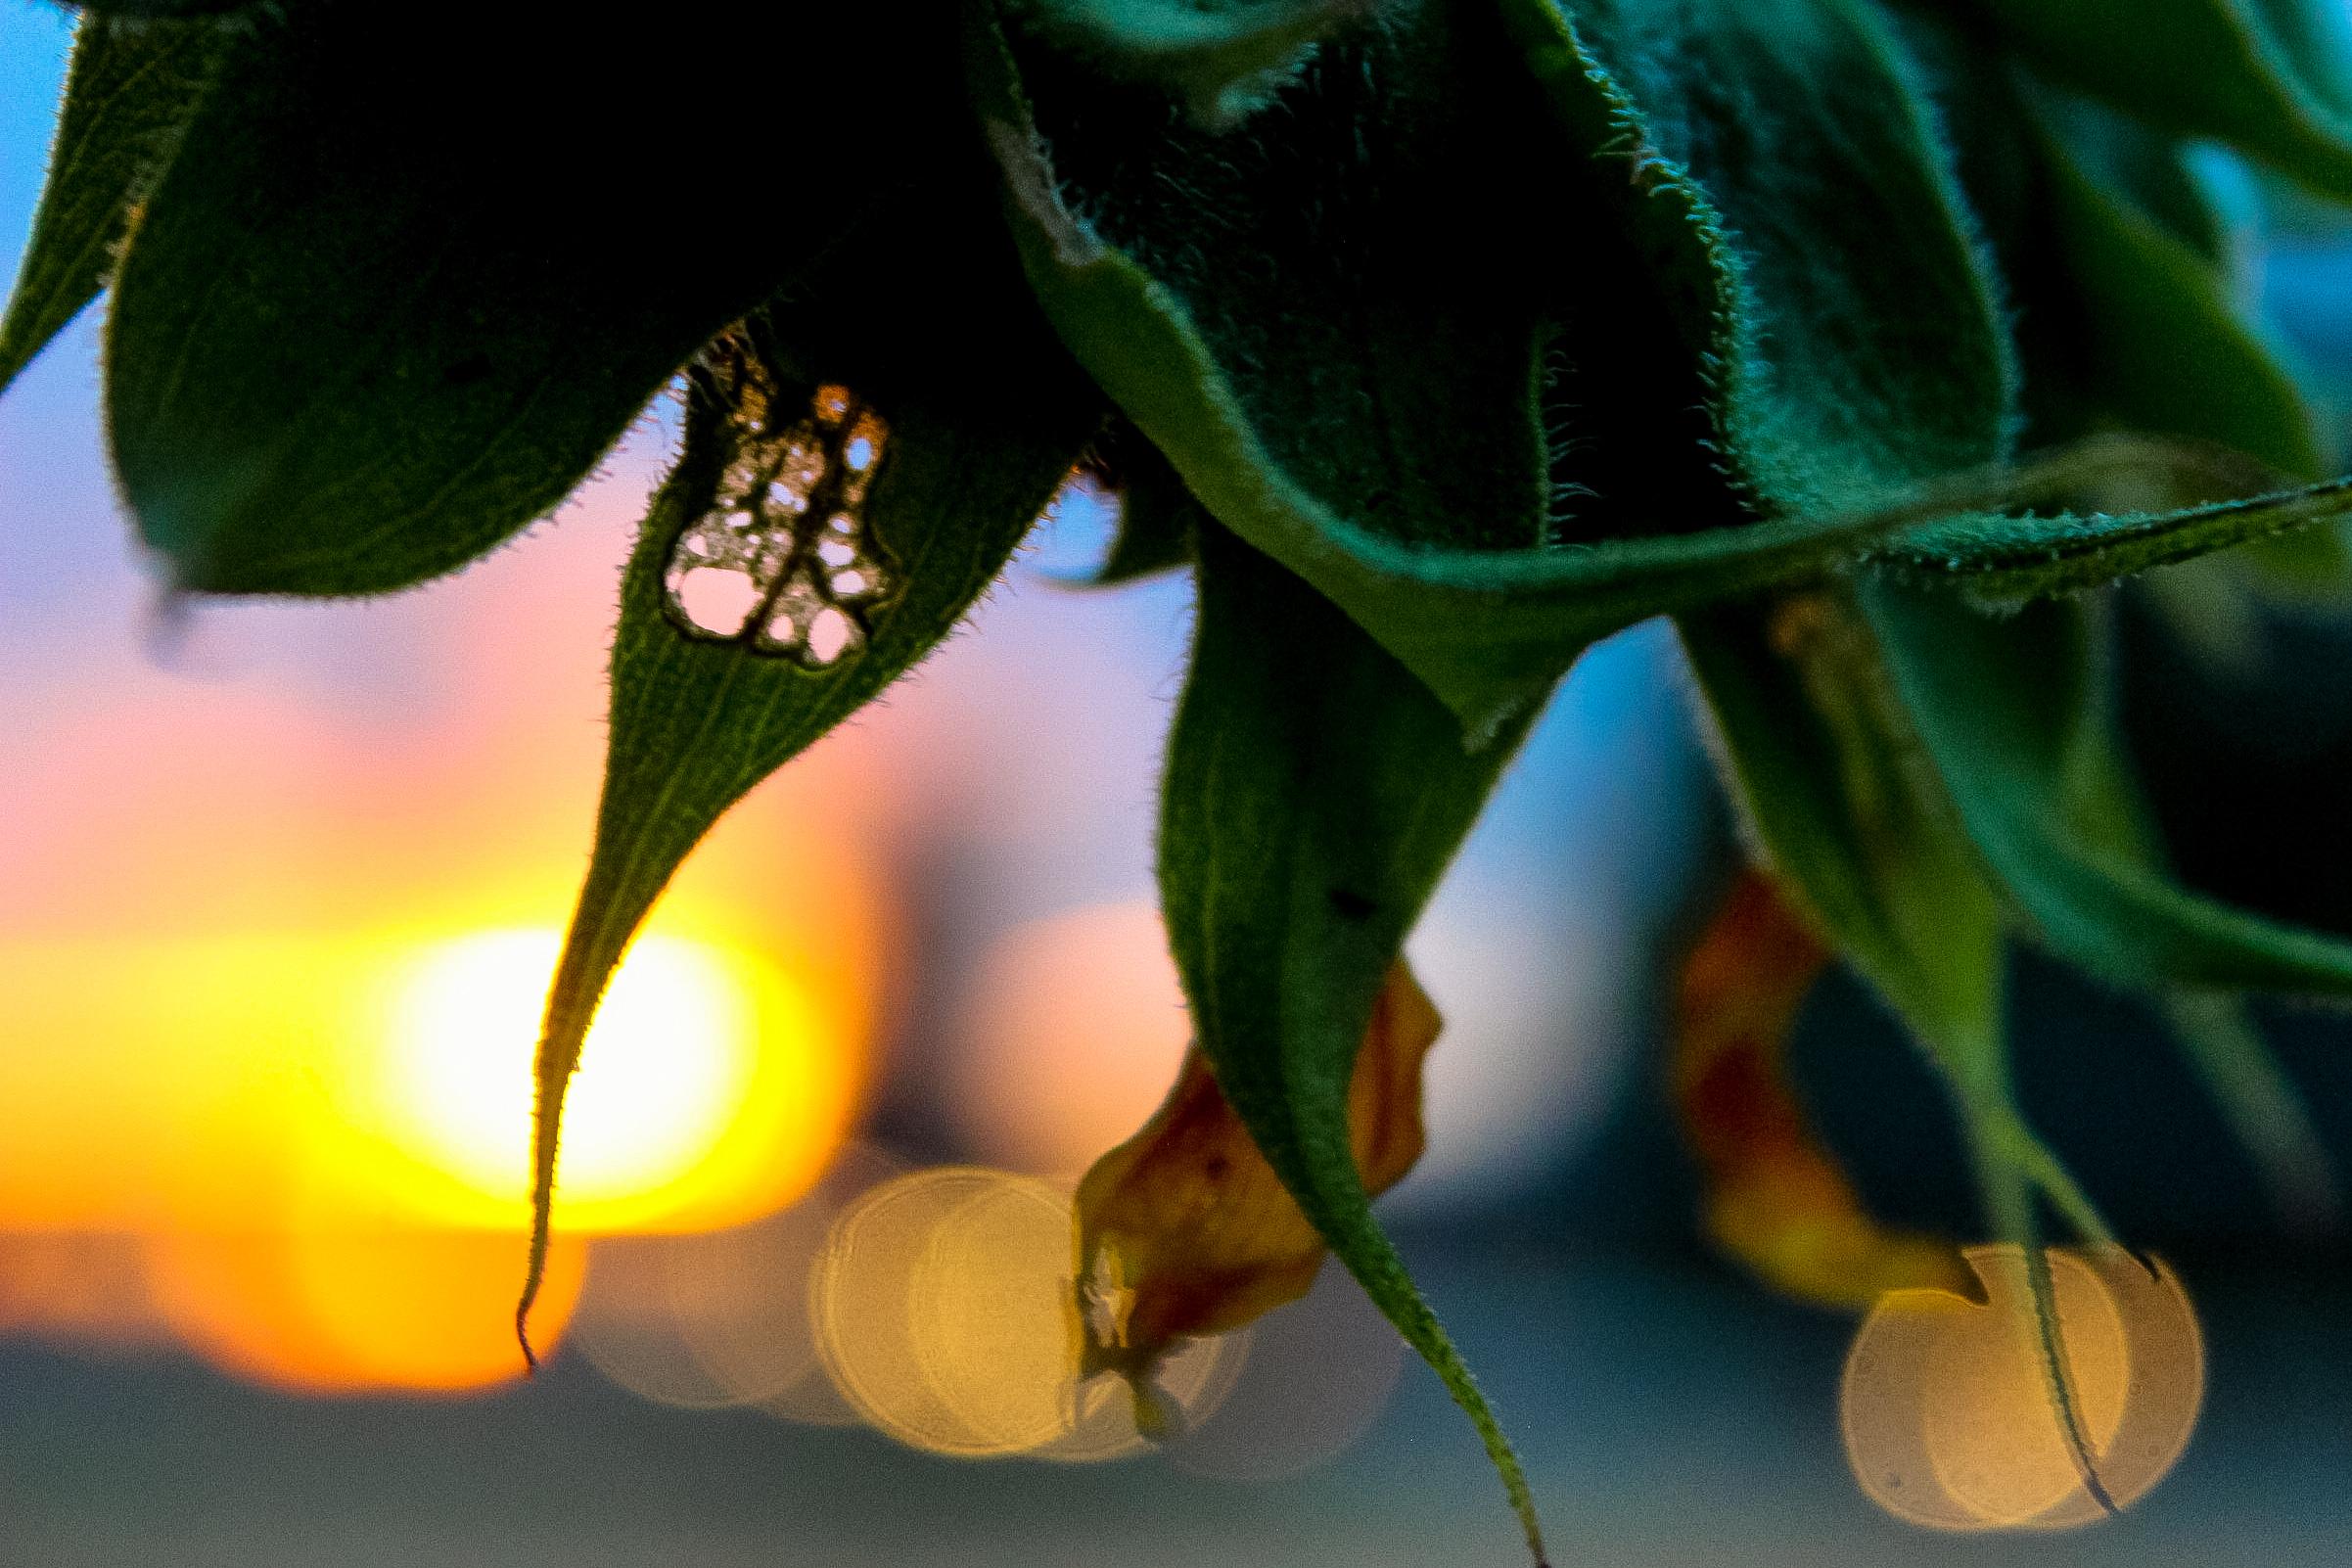 A sunflower's final sunset